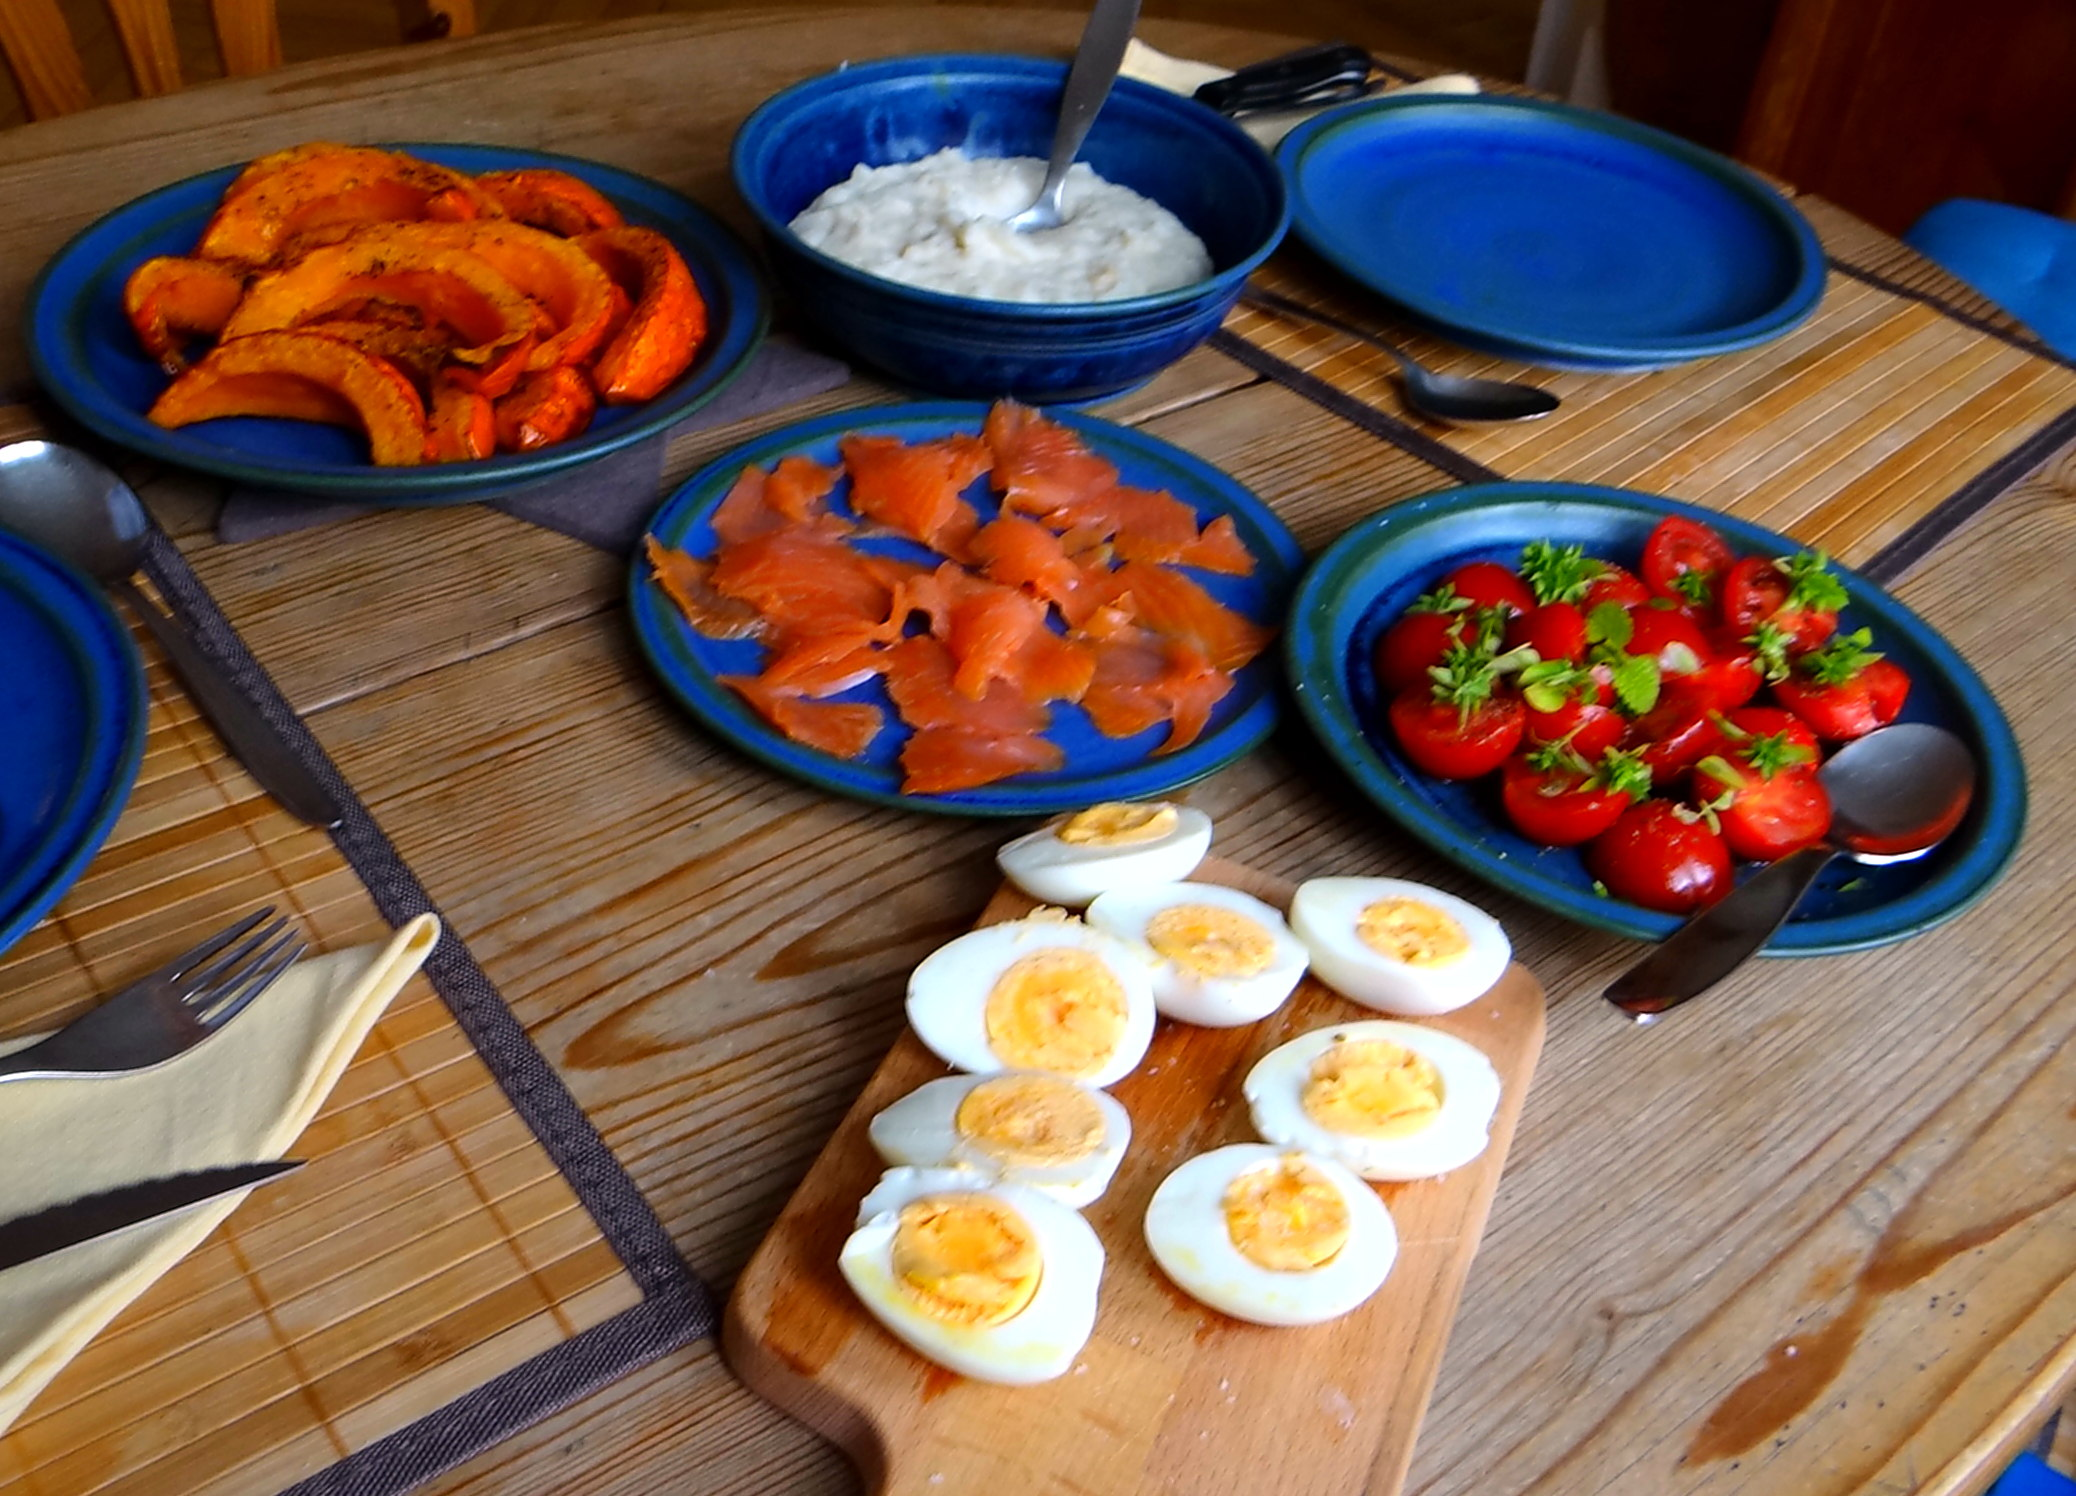 Maniok,Kürbisspalten,Tomaten,Eier,geräucherte Lachsforelle,pescetarisch (13)